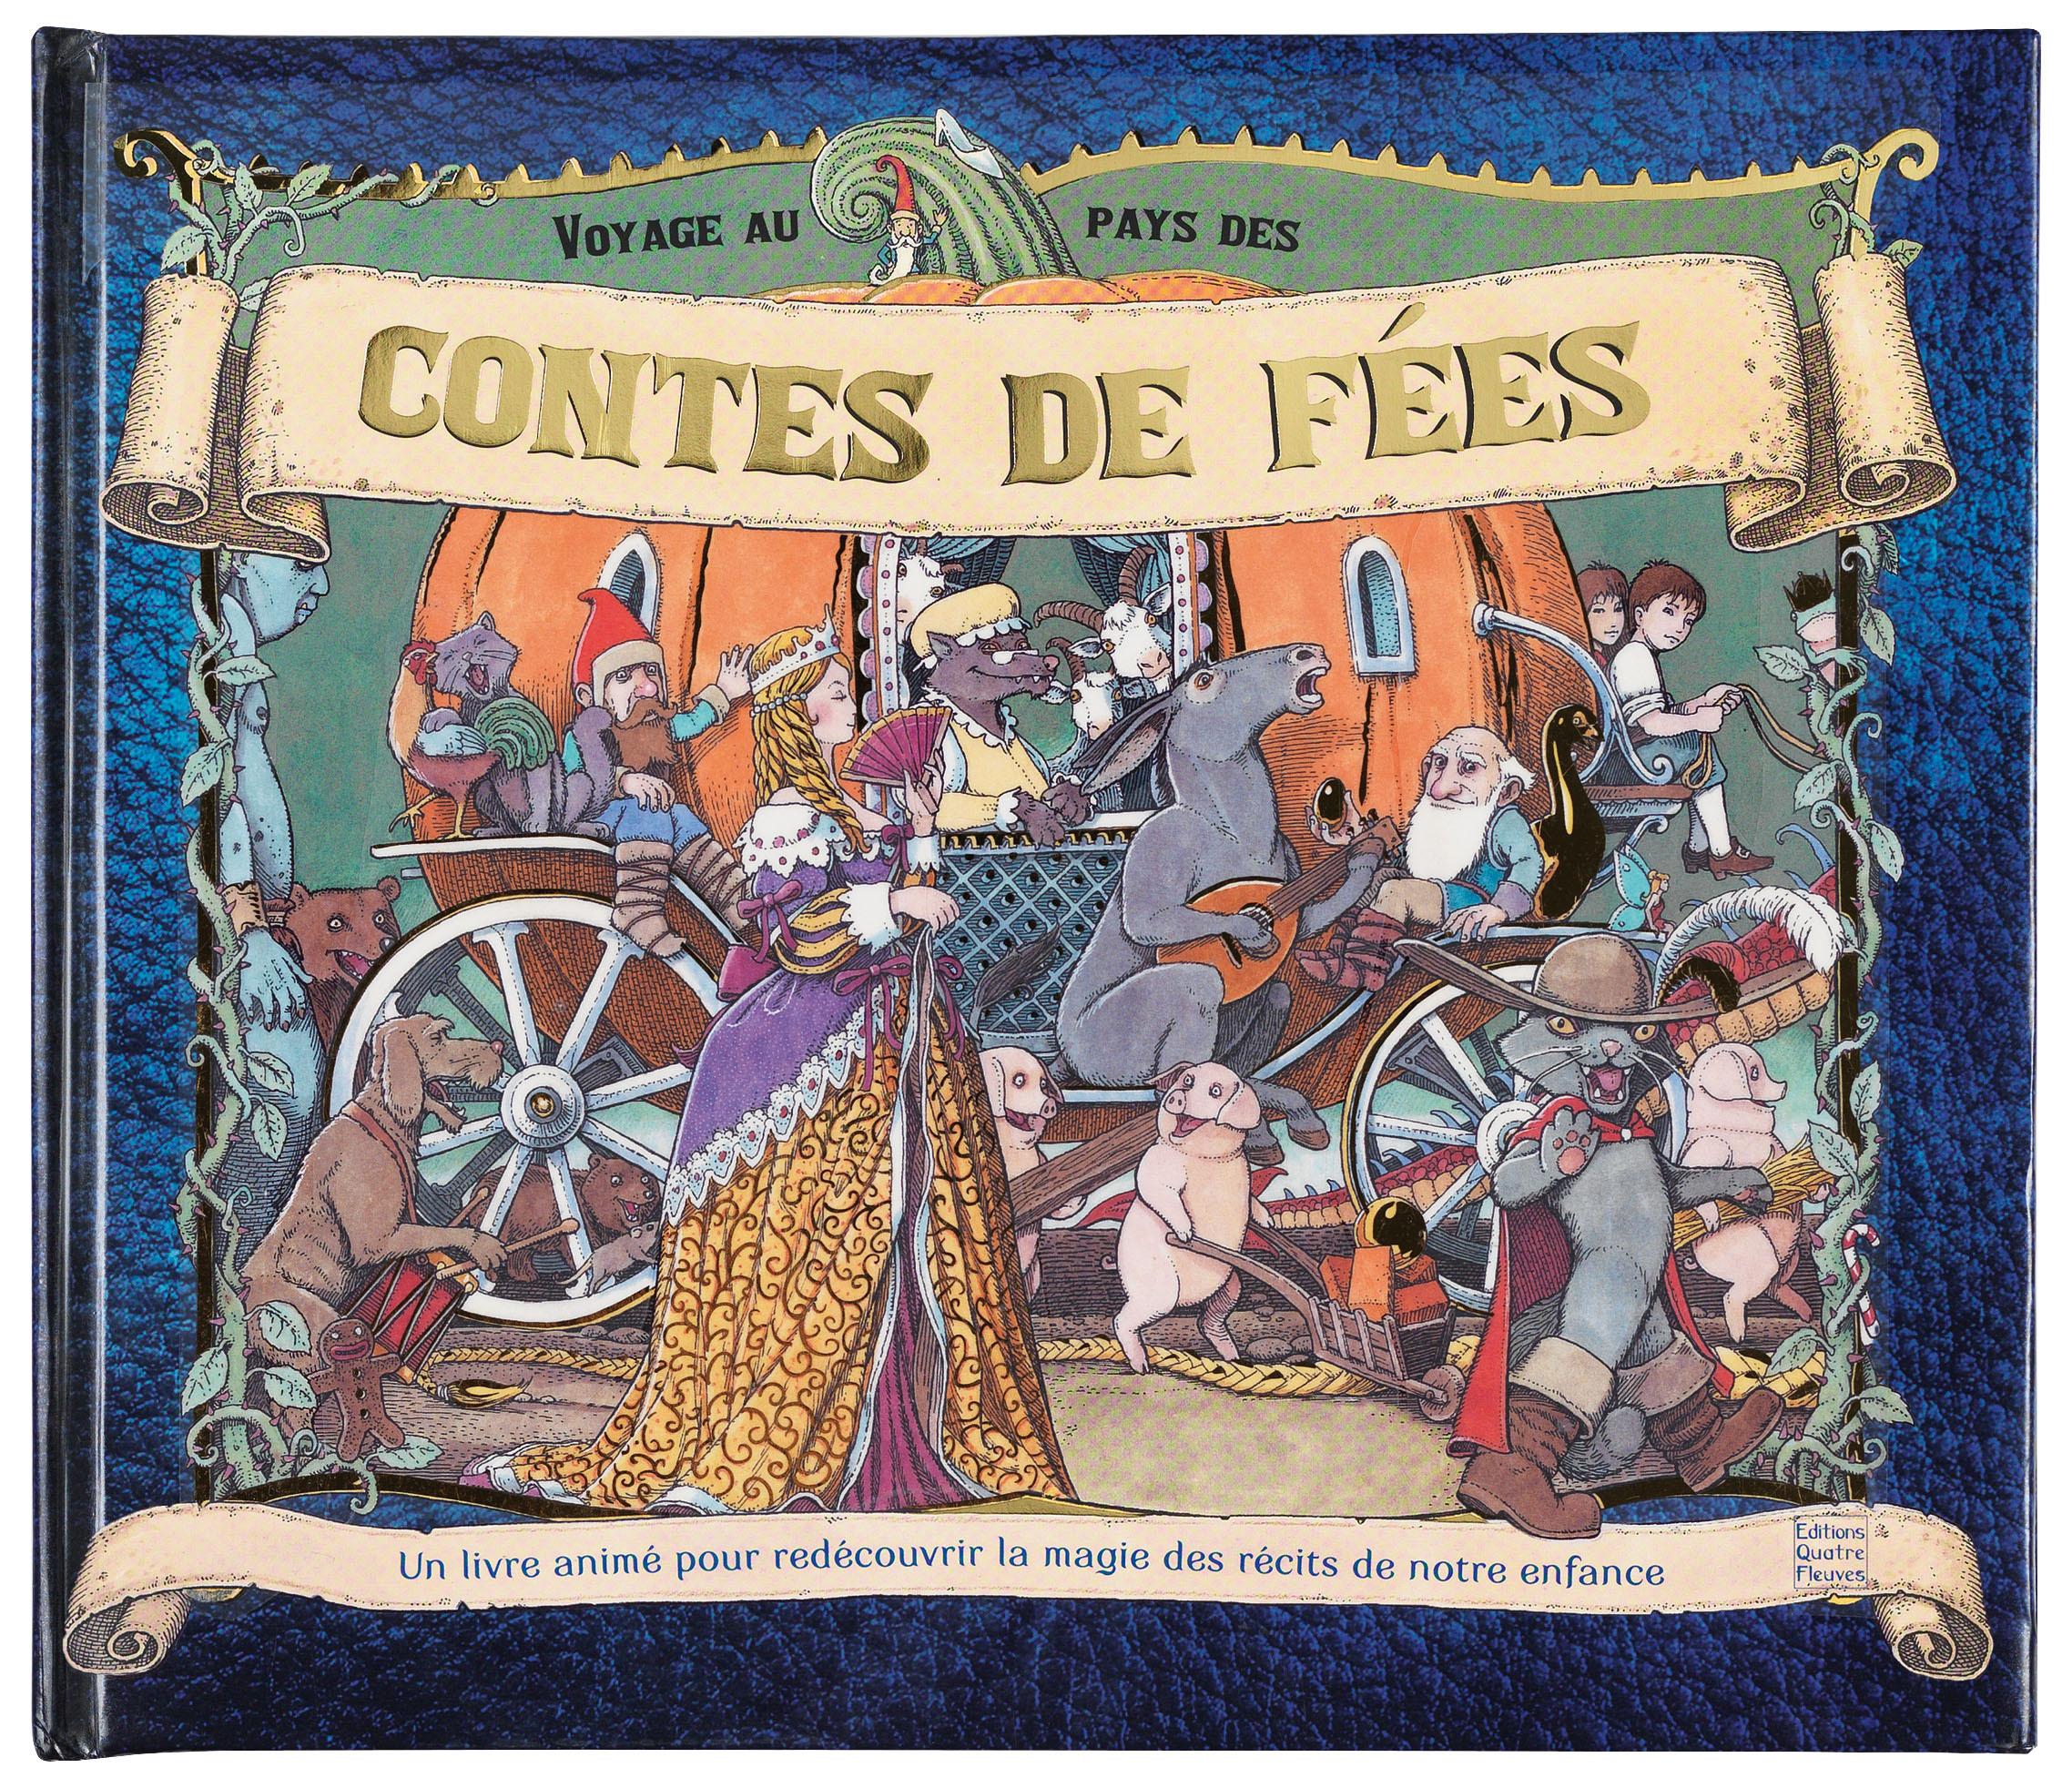 VOYAGE AU PAYS DES CONTES DE FEES